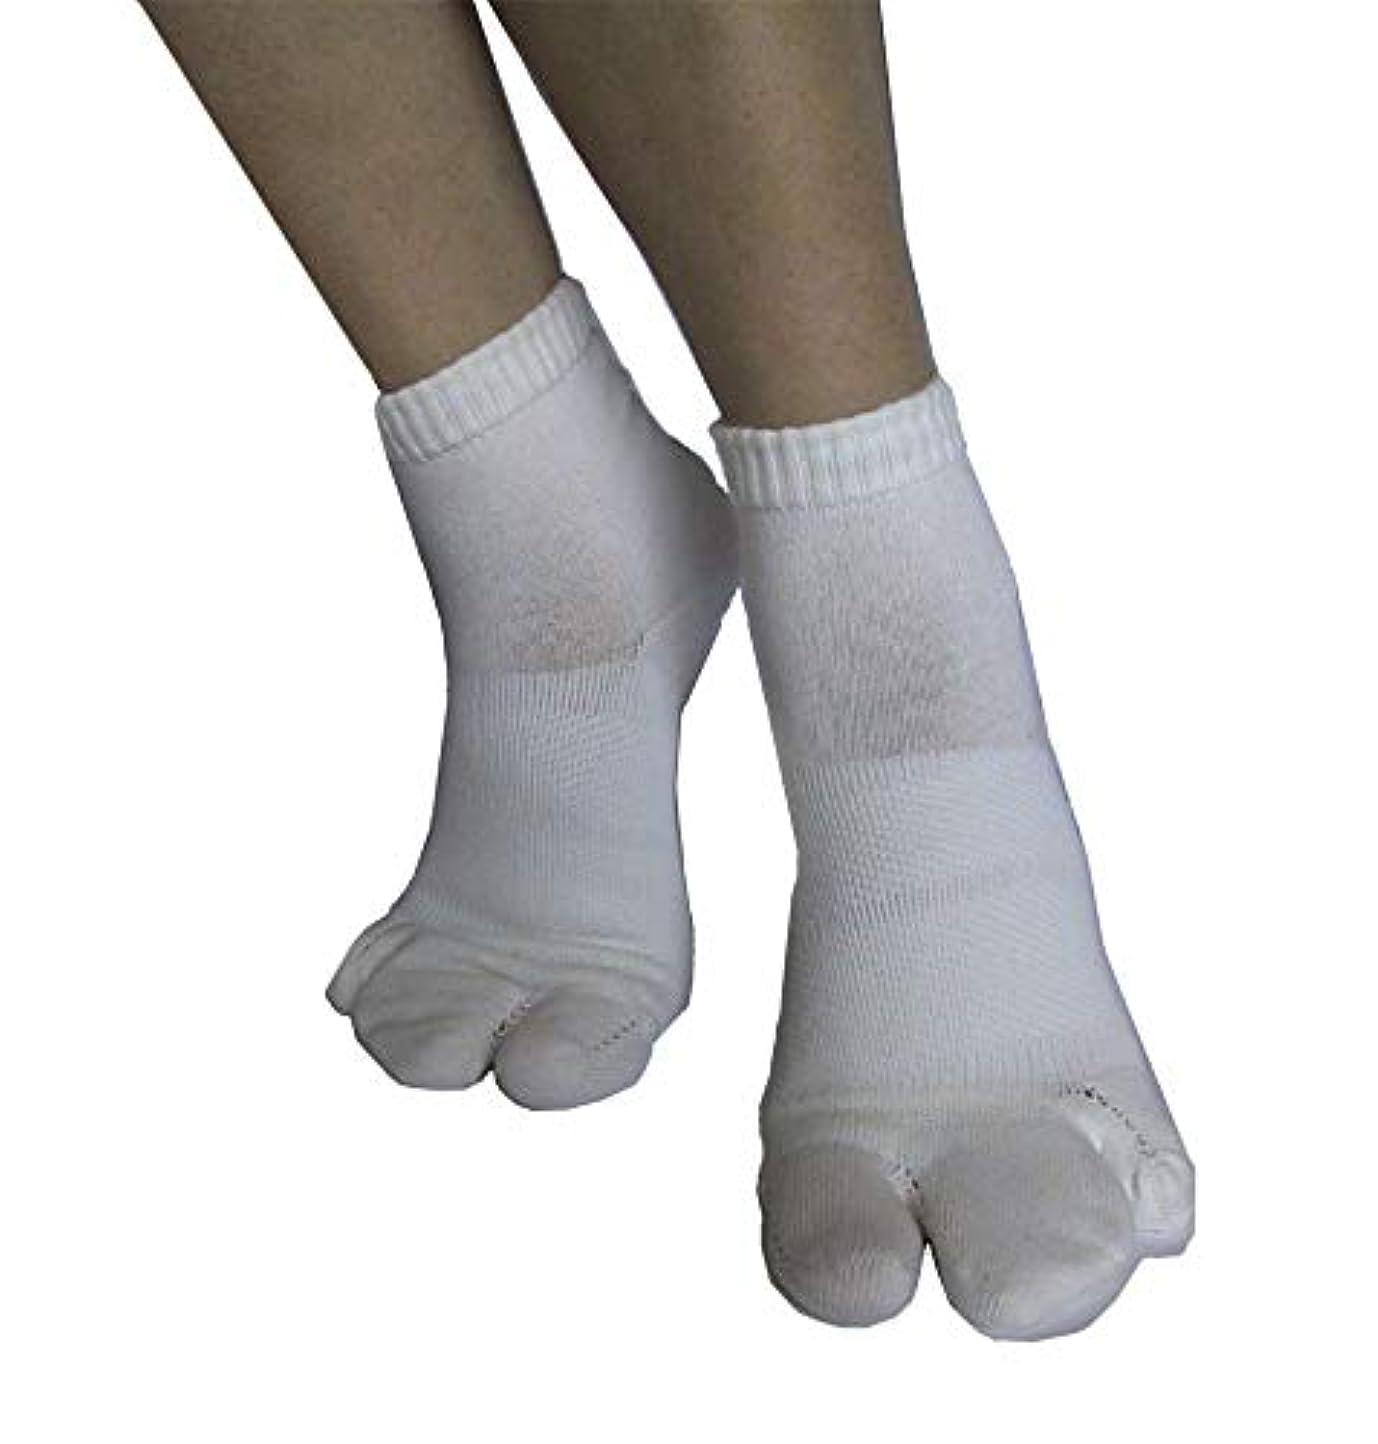 受け継ぐ信仰改修するカサハラ式サポーター ホソックス3本指テーピング靴下  ホワイト L25-26cm